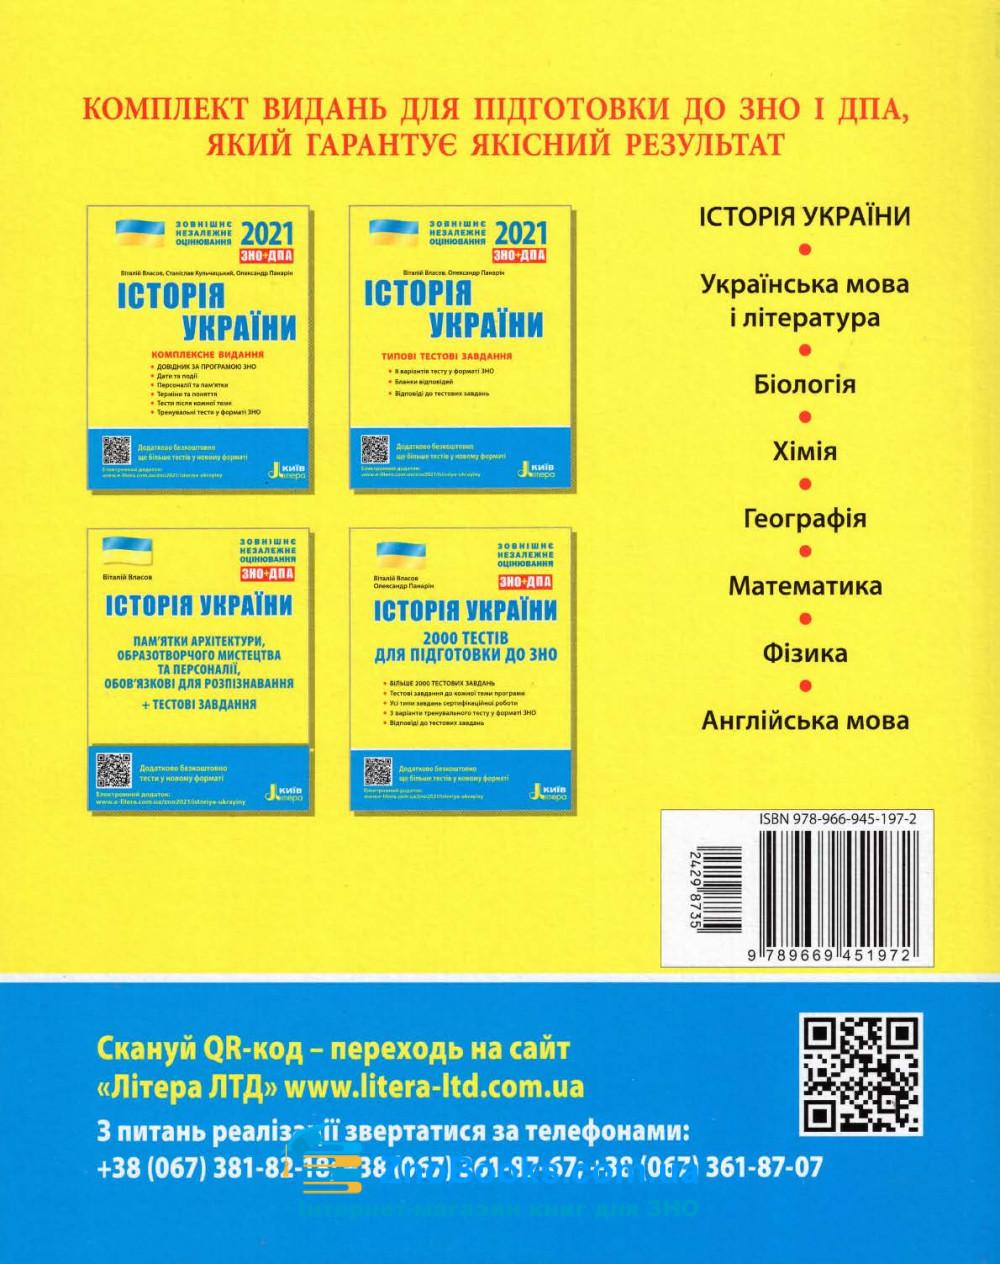 Історія України 2000 тестів до ЗНО : Власов В. Літера. купити 11